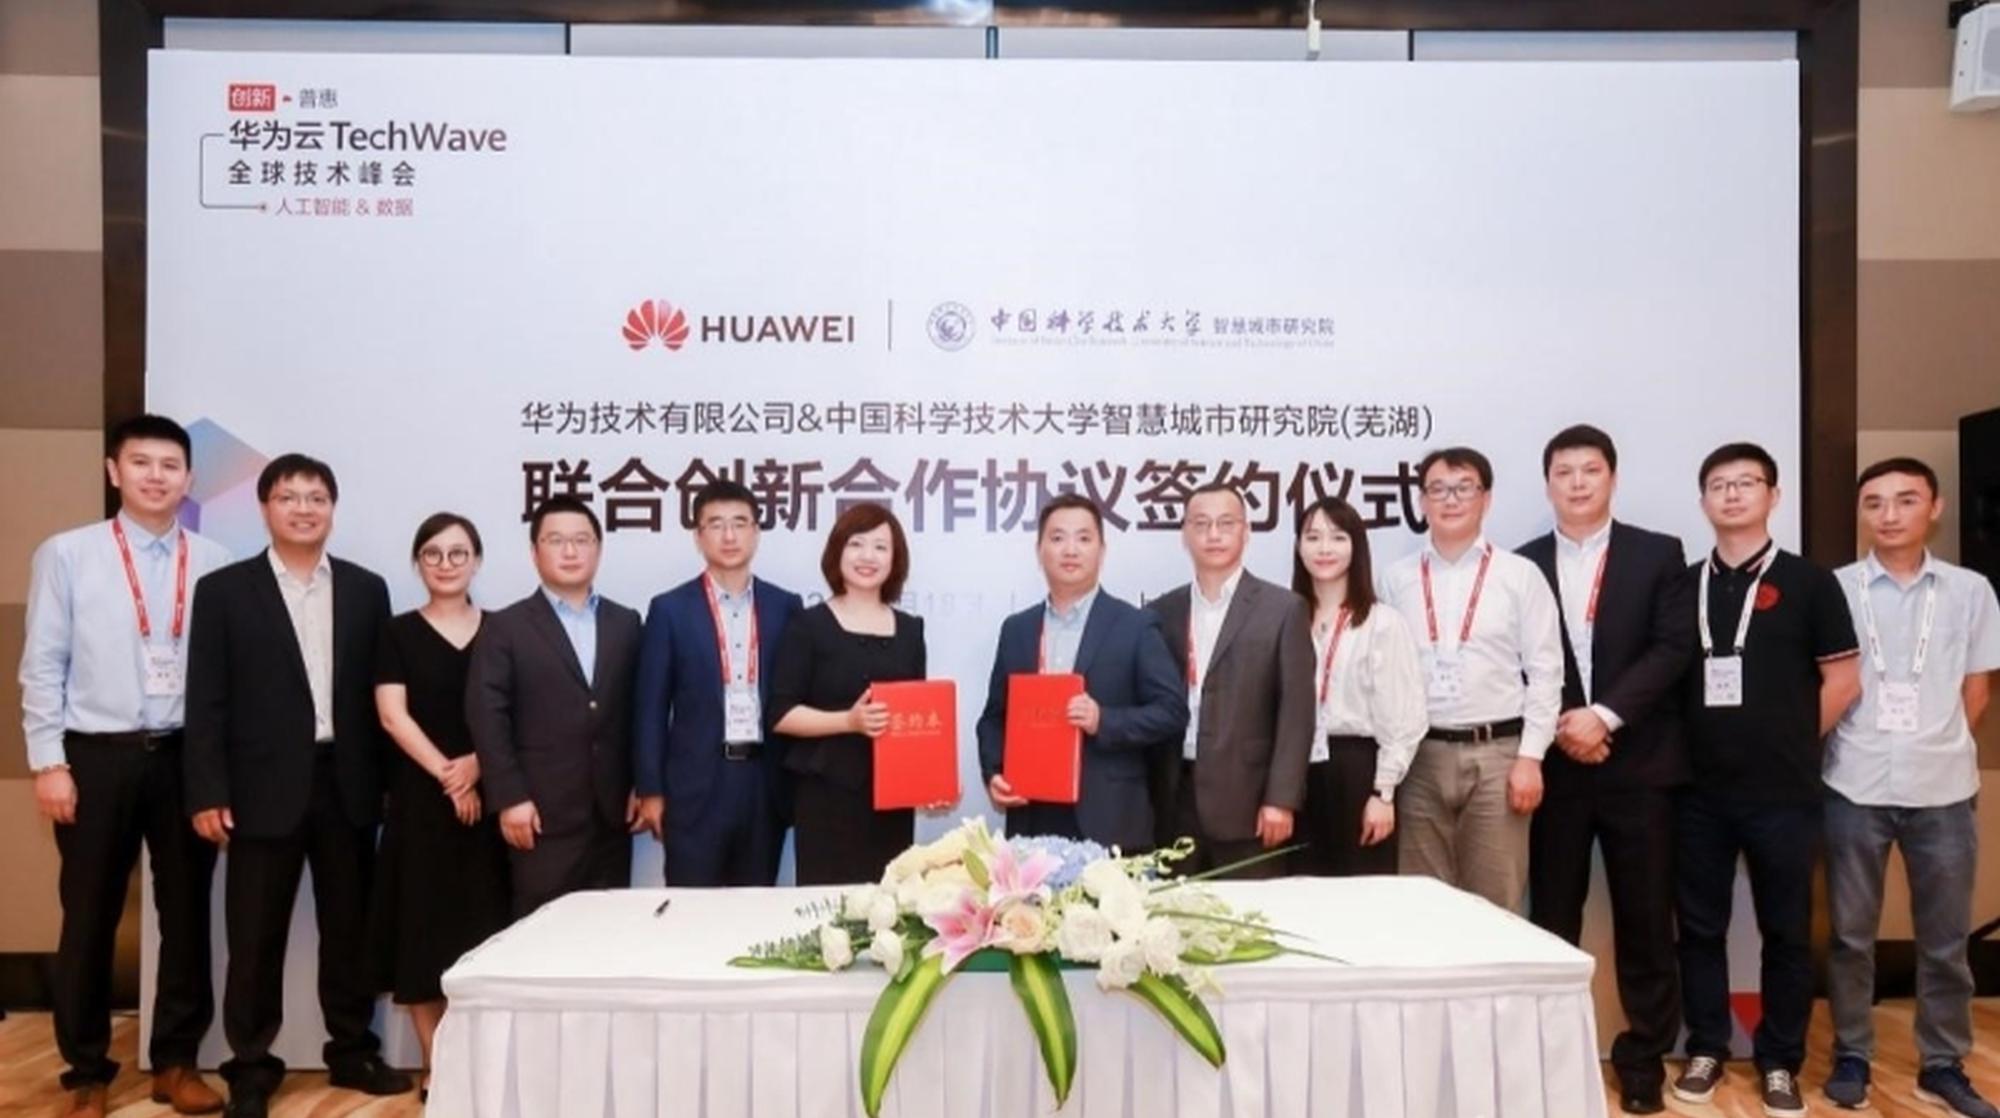 华为云与中国科大智慧城市研究院签署创新合作协议